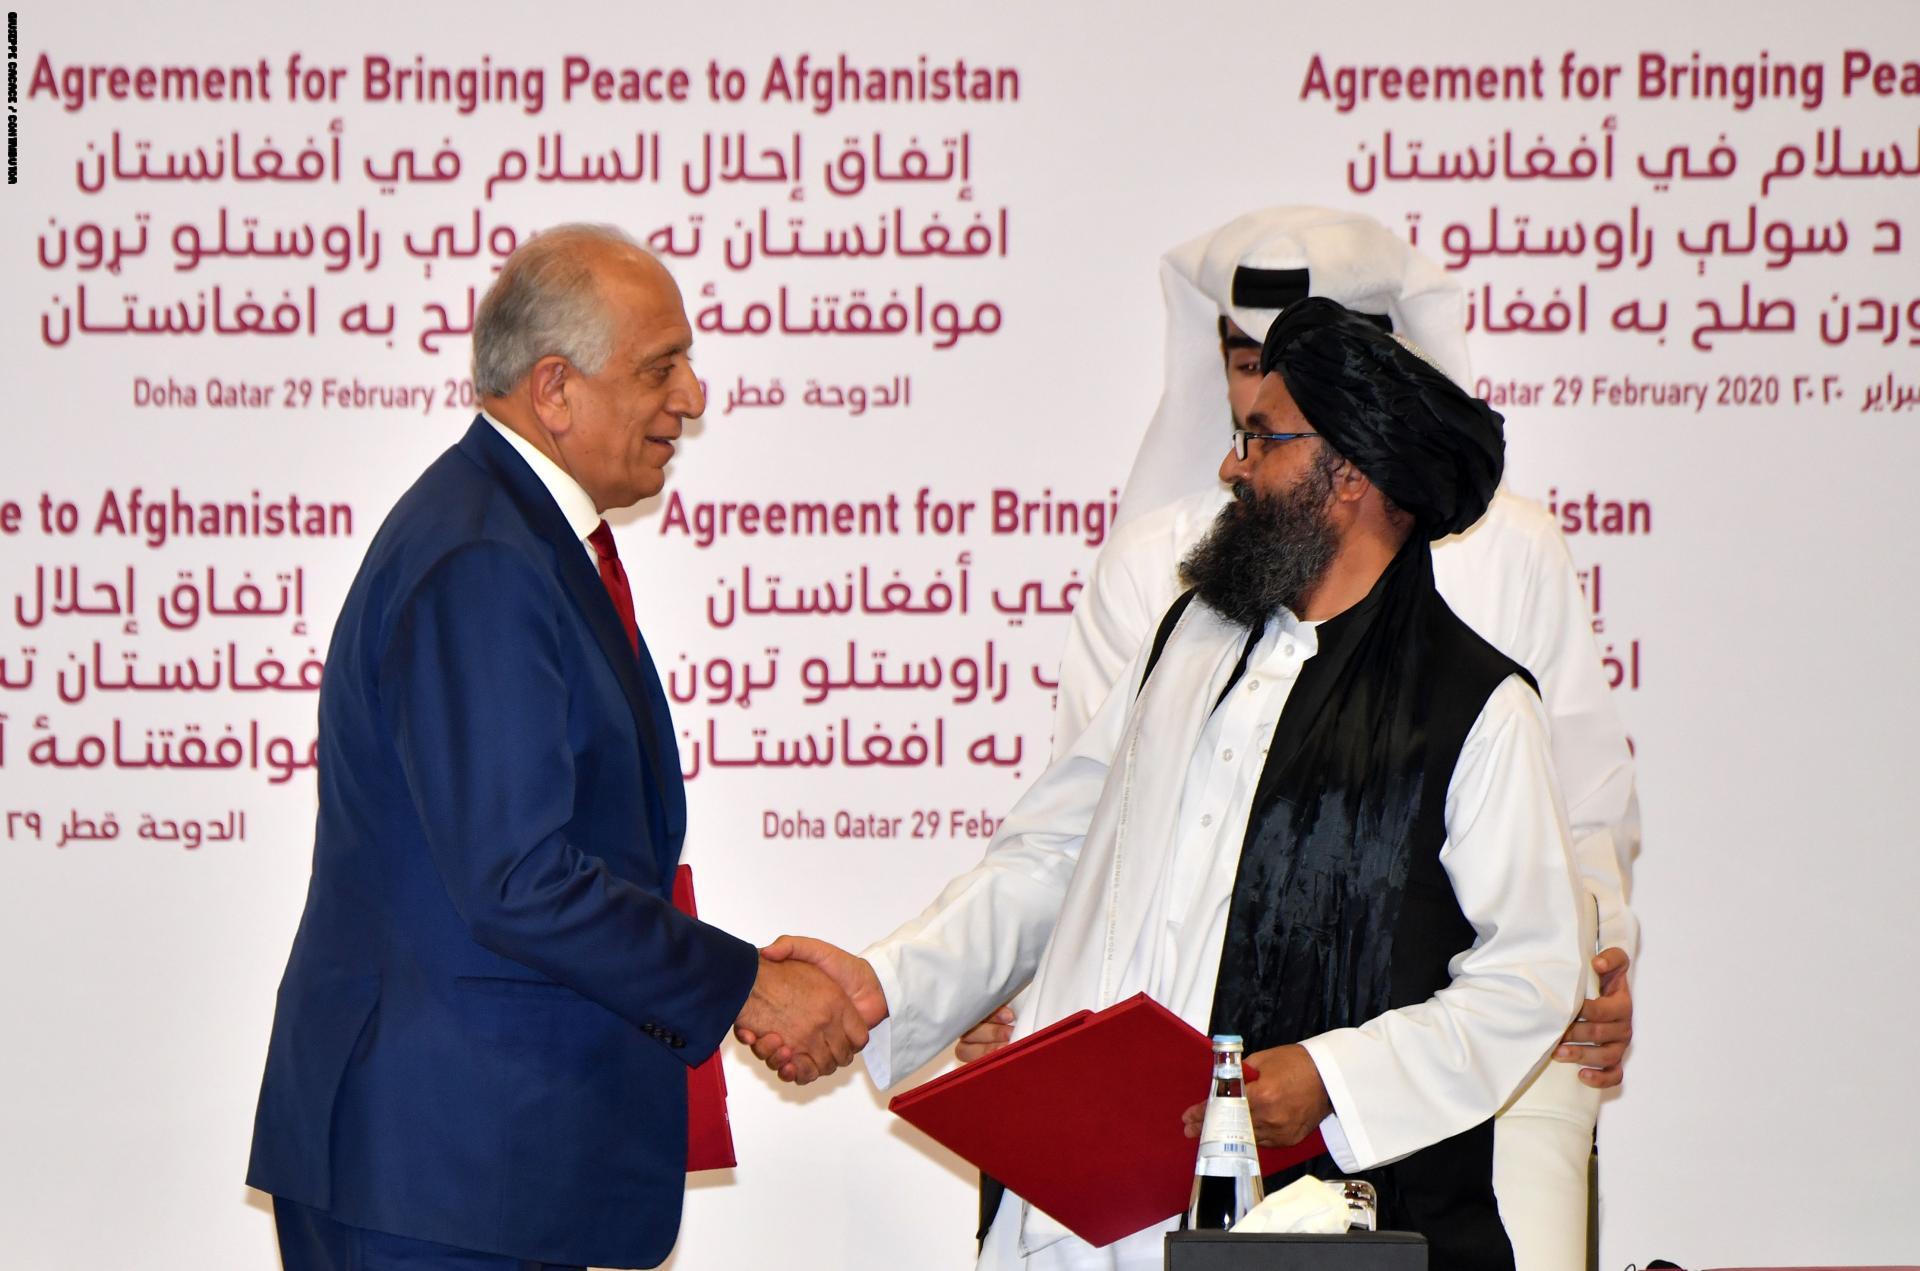 إتفاق سلام في أفغانستان بين أمريكا وطالبان ترفضه إيران